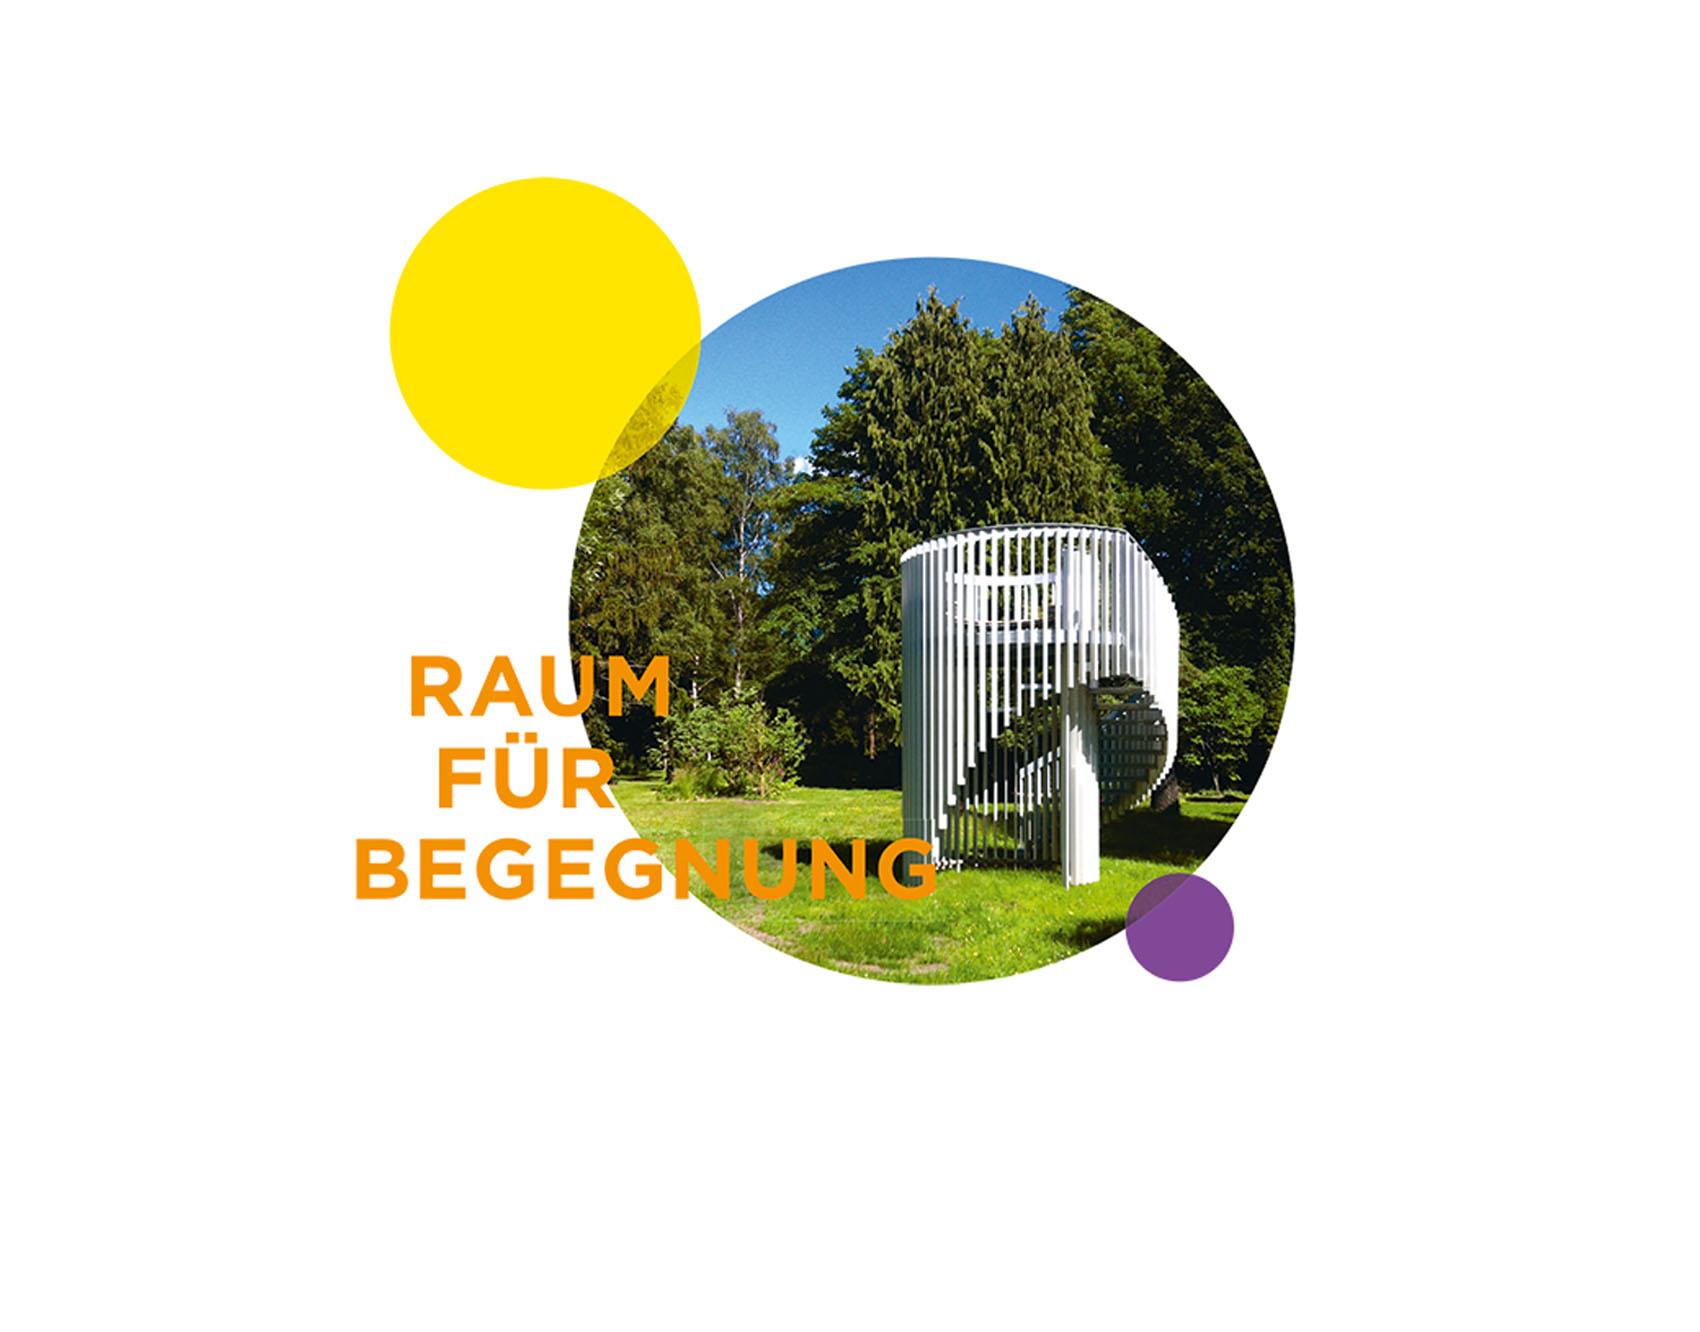 """08/2020<br>Unsere Landschaftstürme auf dem Ohlsdorfer Friedhof werden am 09.08. mit einem kleinen Sommerfest eingeweiht<br><br><a href=""""/friedhofohlsdorf"""">Projekt</a><a href=""""https://bit.ly/3mJVO70""""target=""""_blank"""">&nbsp;&nbsp;&nbsp;&nbsp;Infos</a>"""